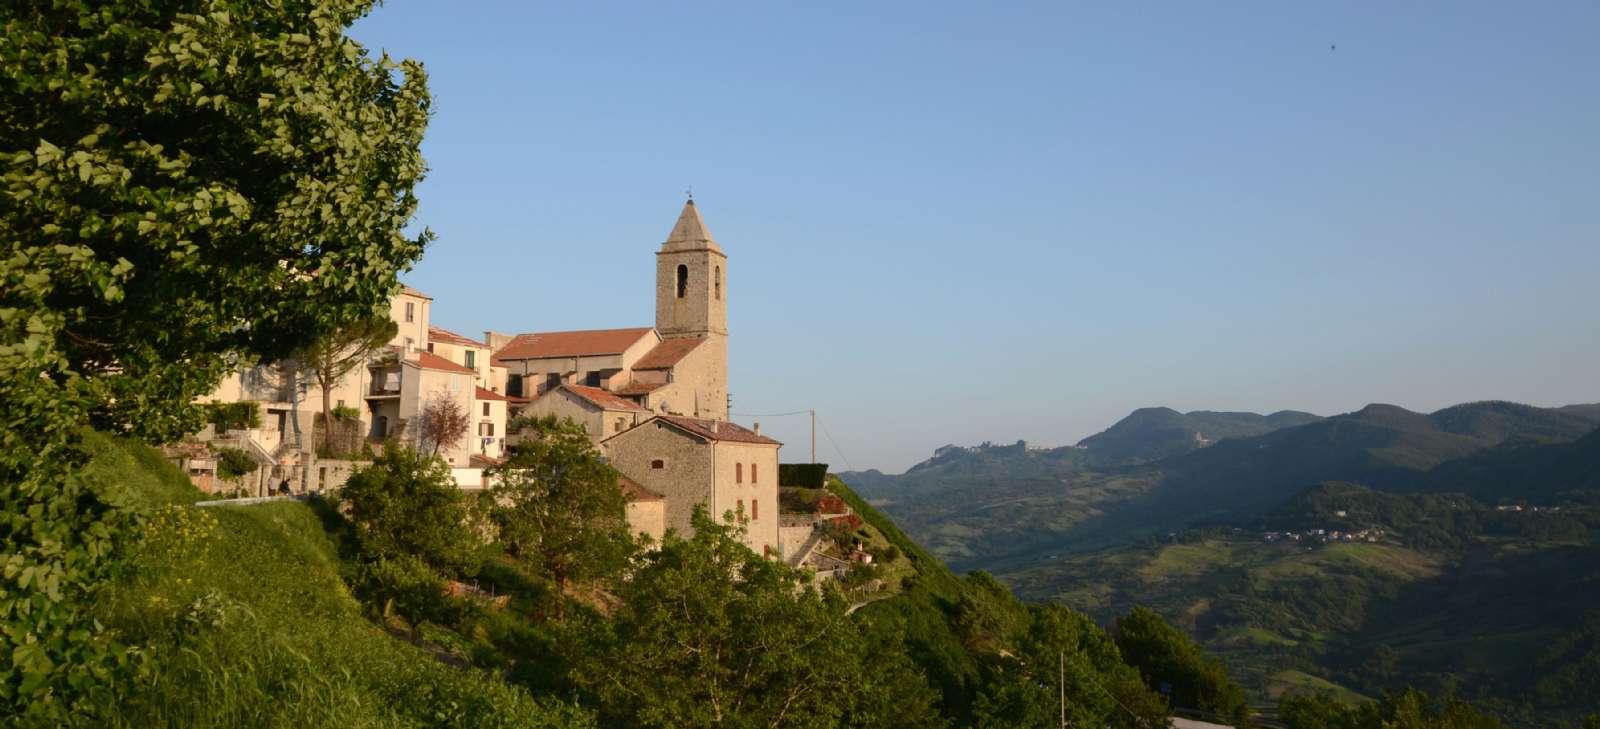 Besök en av kyrkorna i staden Agnone i Molise. Staden är känd för sin produktion av kyrkklockor